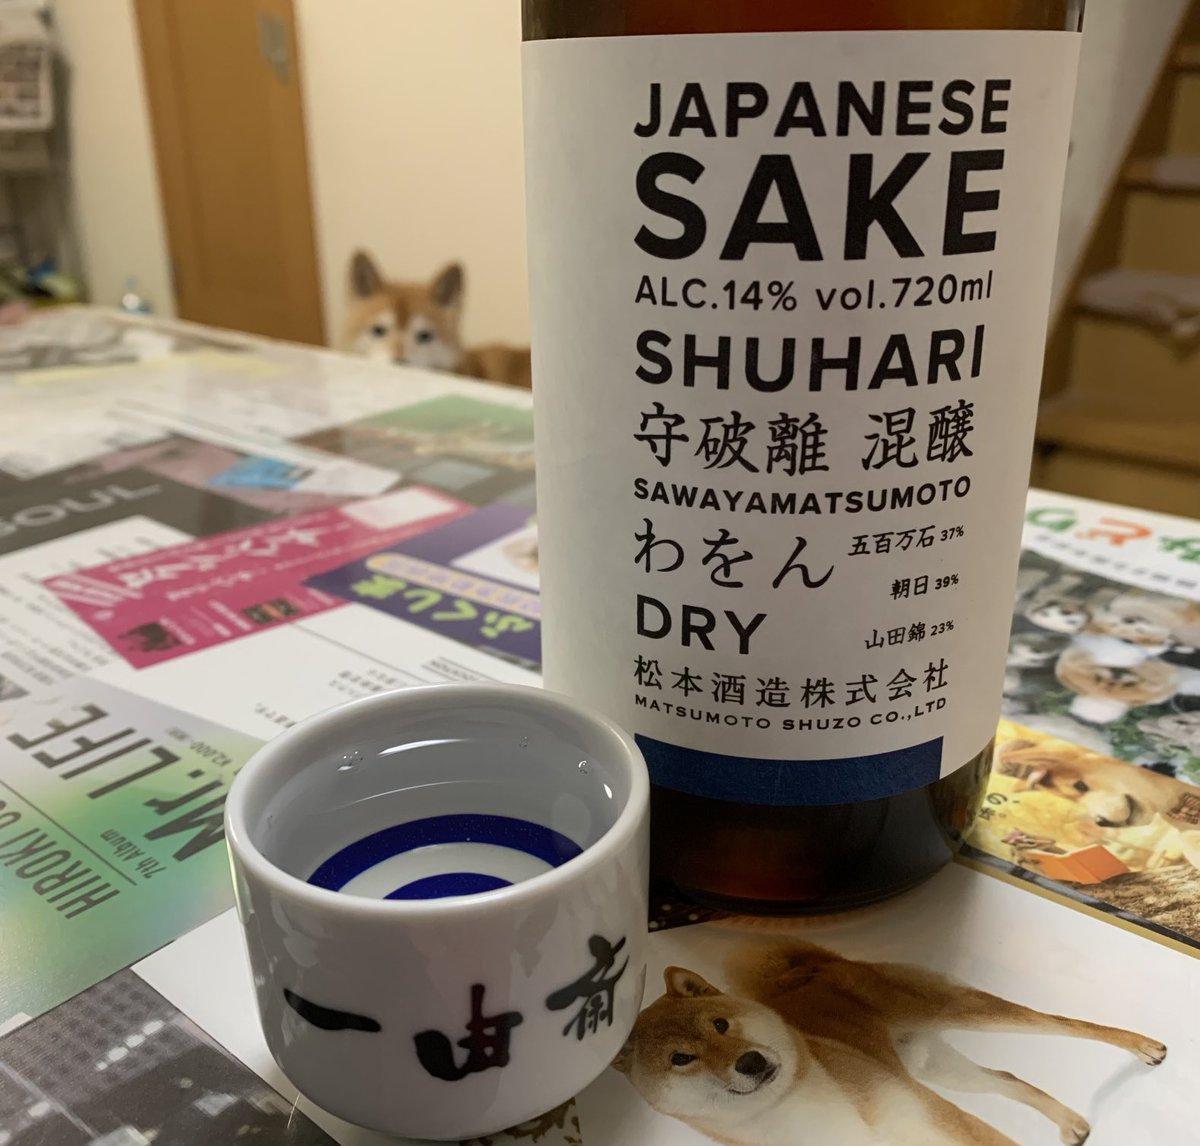 test ツイッターメディア - では始めます。 京都府の松本酒造 「守破離 わをん ドライ」。 澤屋まつもと。 こっちの方が通ってますかね。 発酵した際の炭酸ガスで ちょっとピリッとする。 https://t.co/ICG8WnCe67